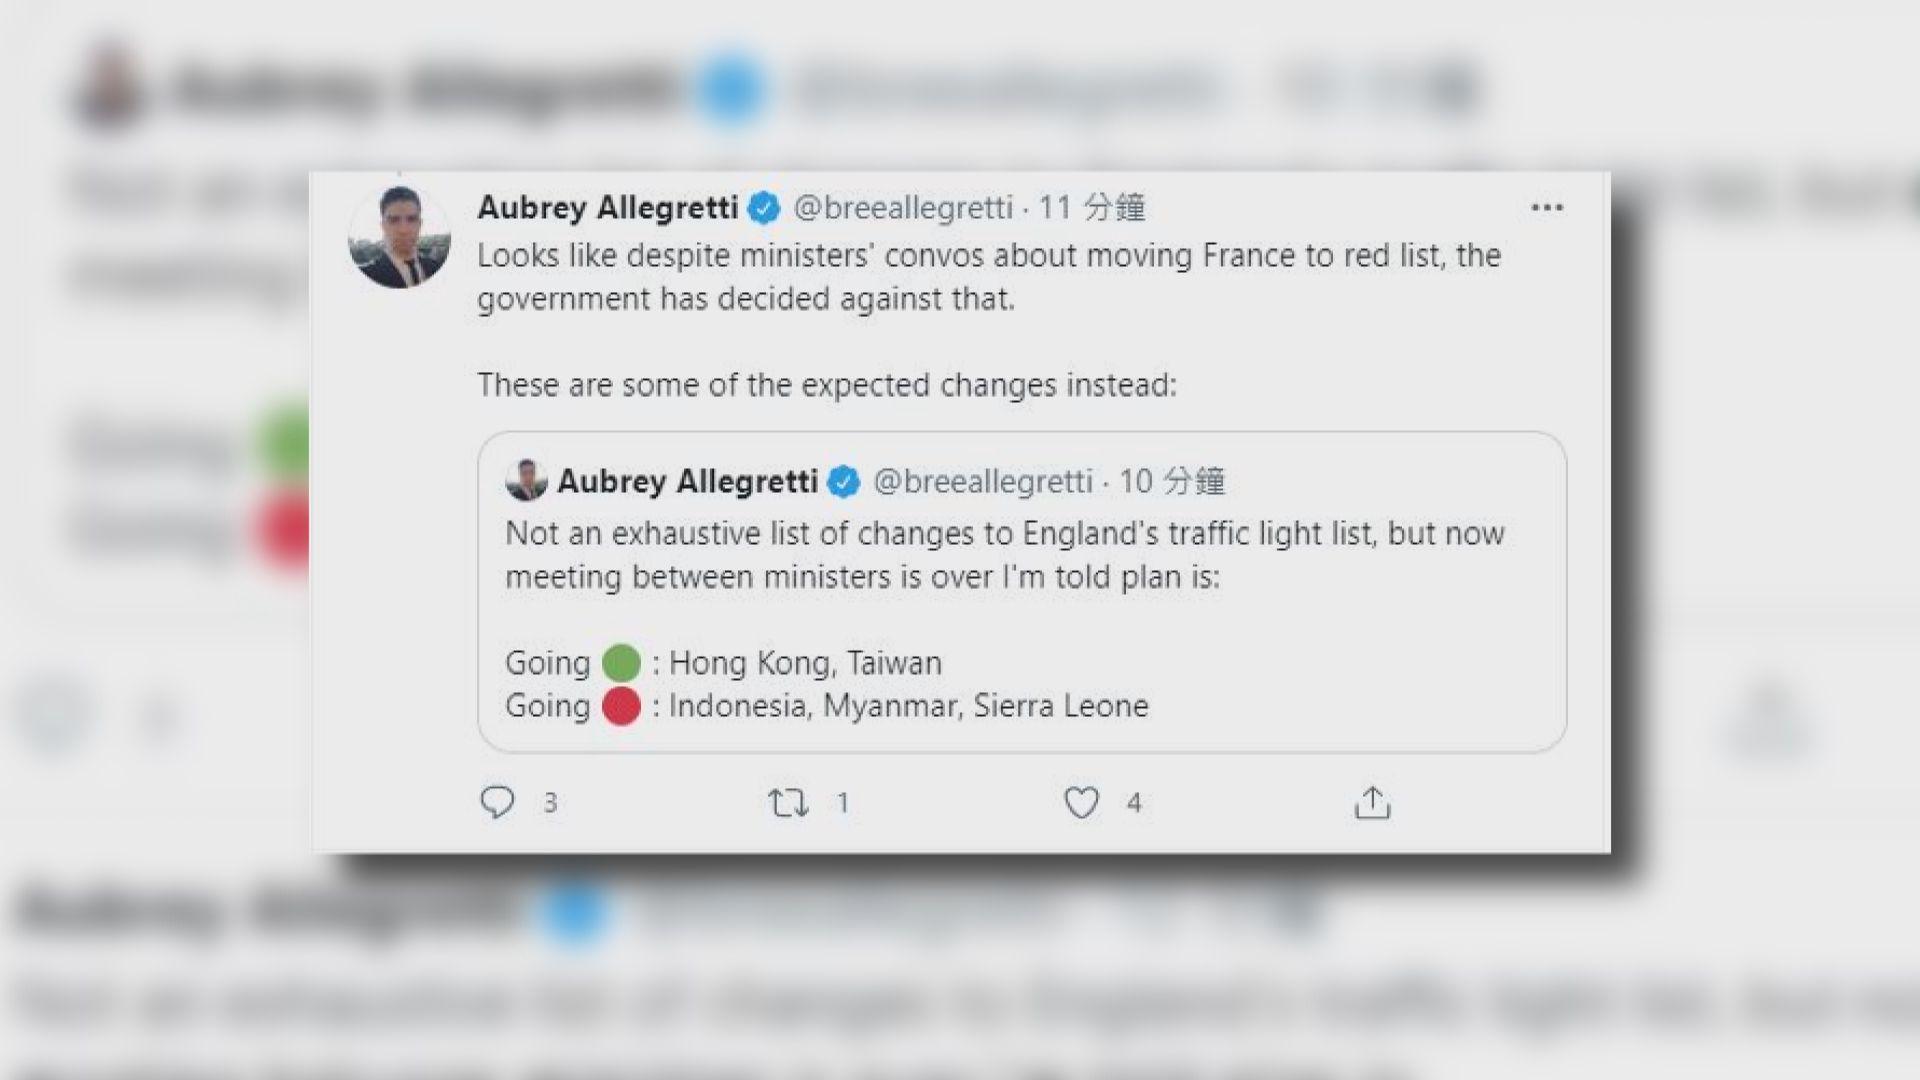 《衛報》記者:英國考慮將香港和台灣列入綠色旅遊清單